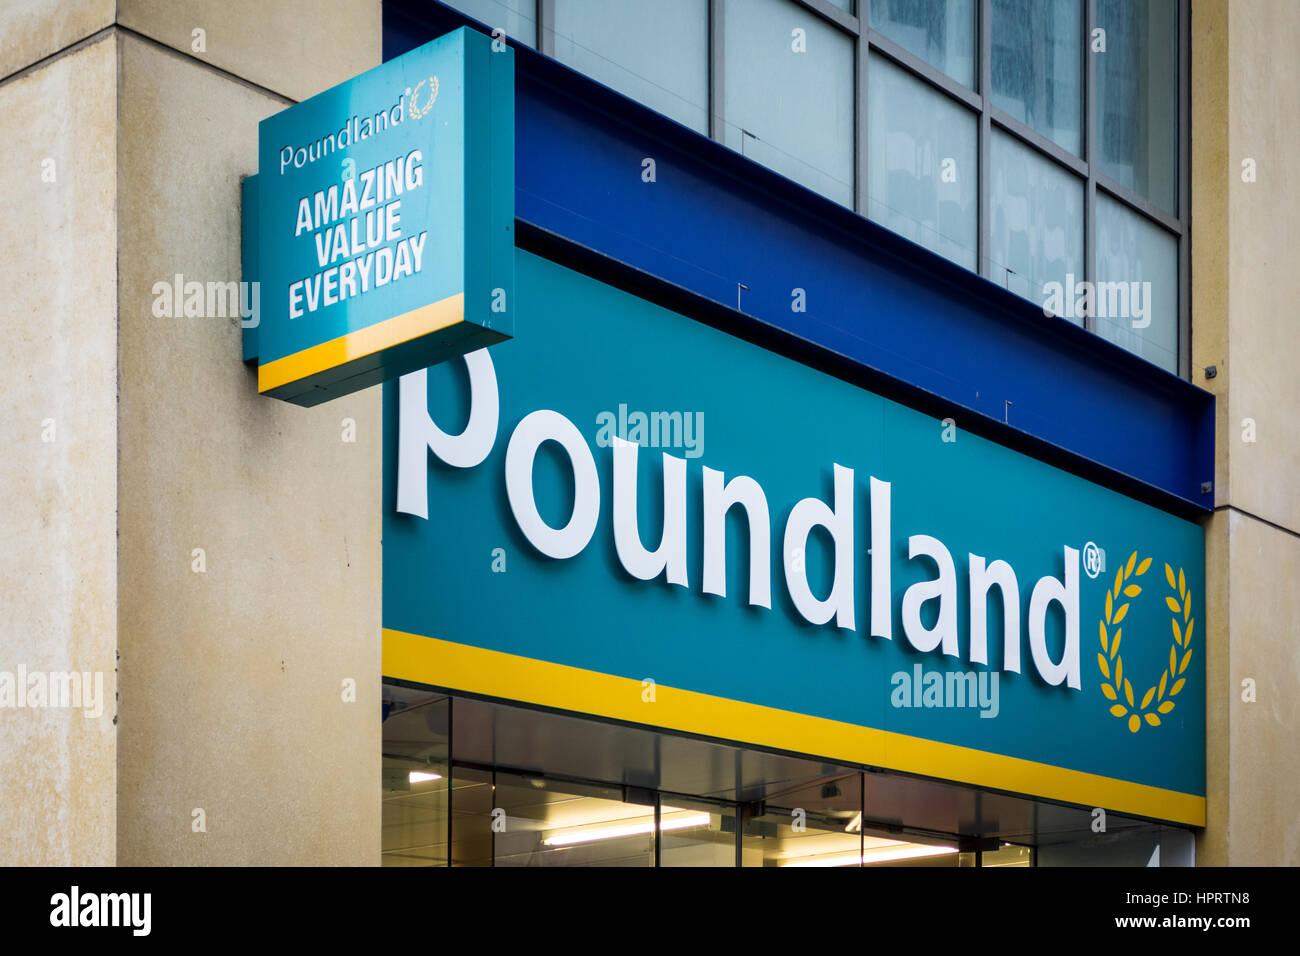 Poundland shop sign, Birmingham, UK - Stock Image